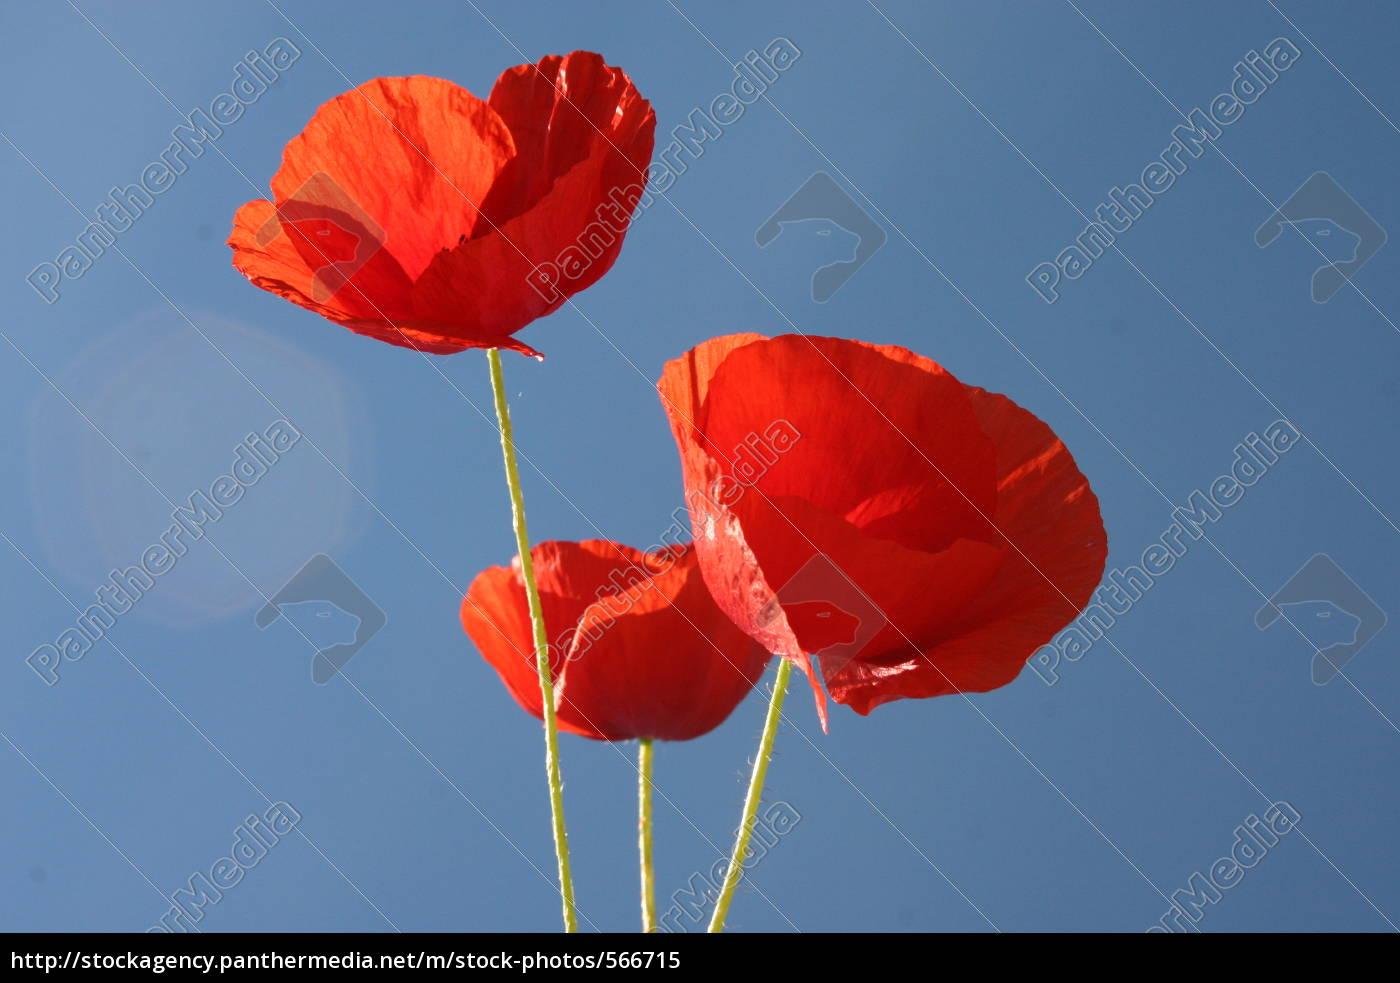 poppies, sky - 566715